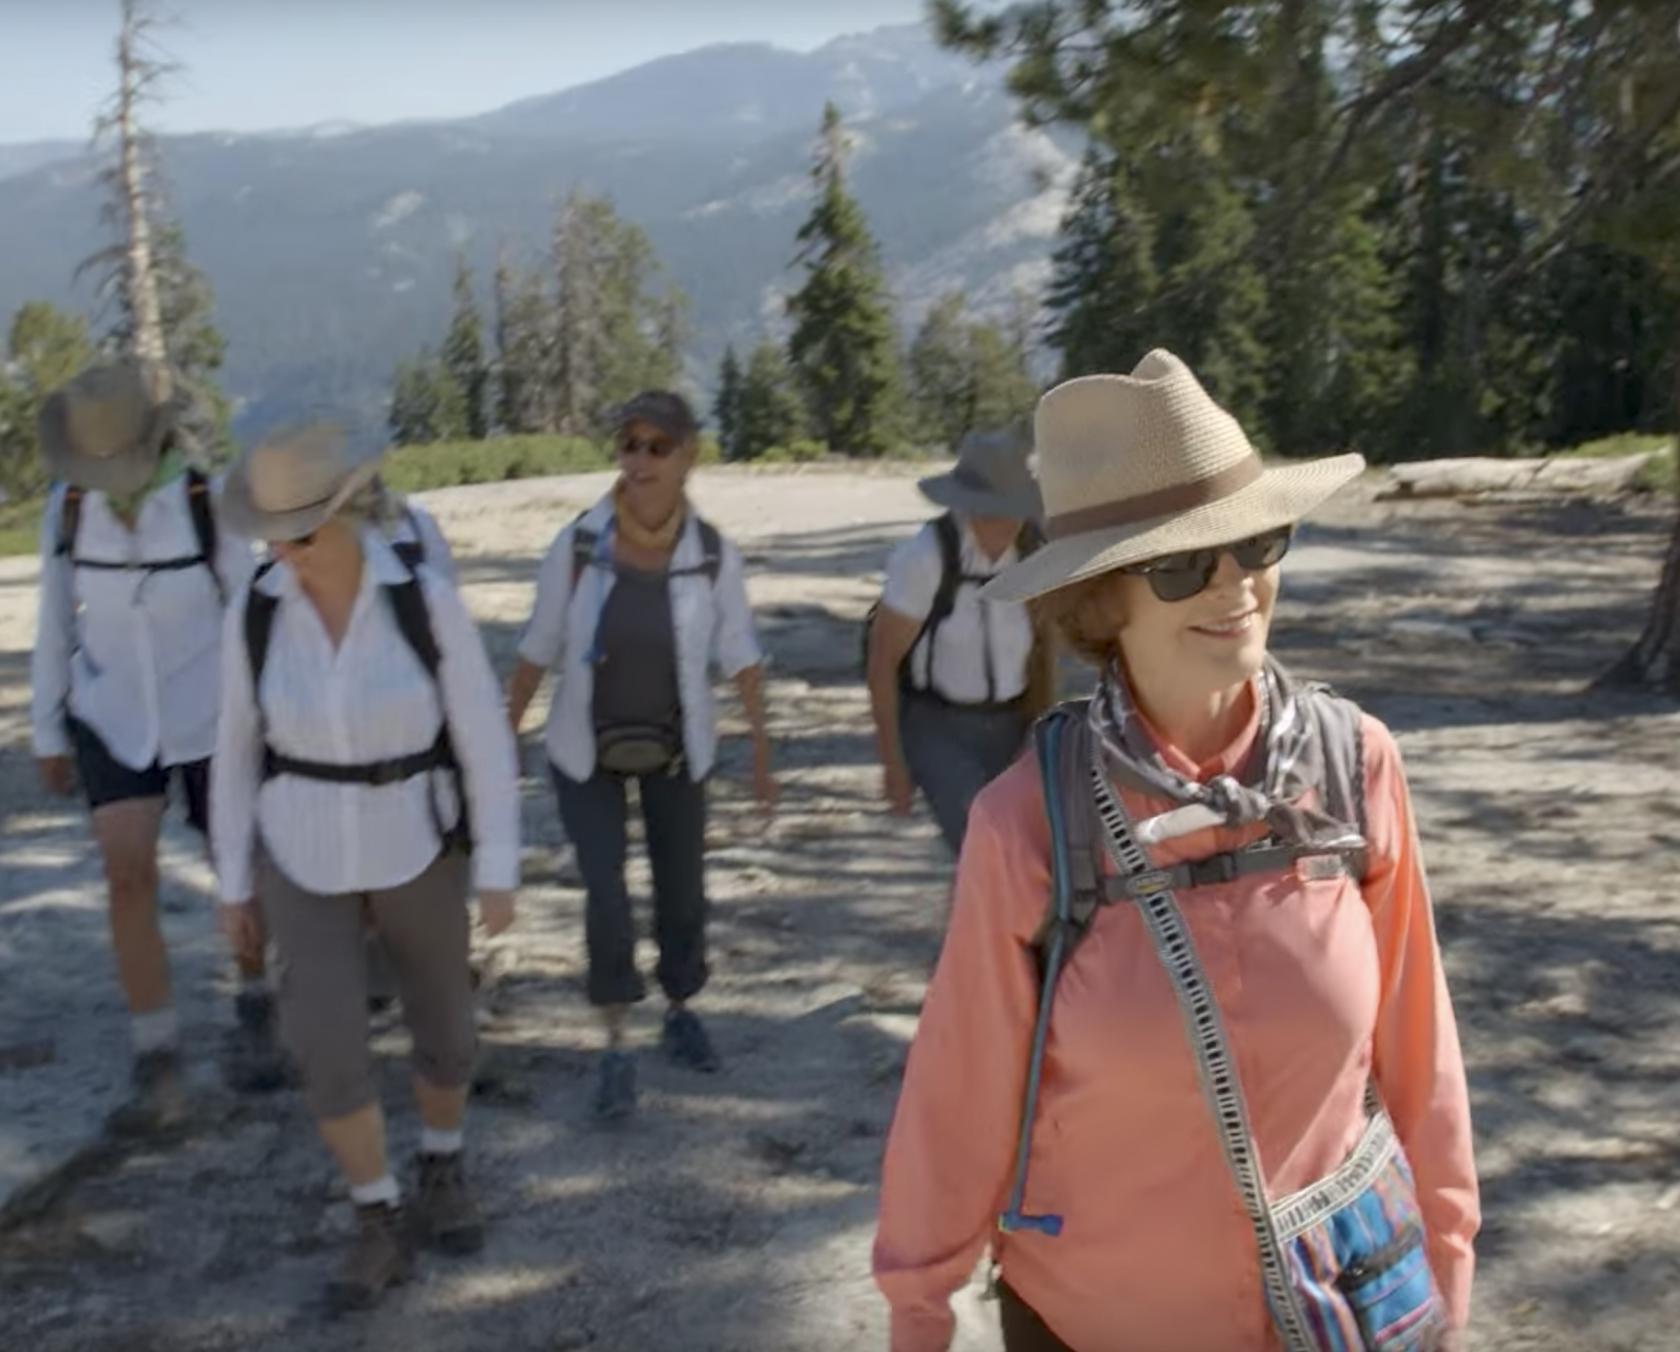 Sra. Laura Bush caminando por el Parque Nacional de Yosemite